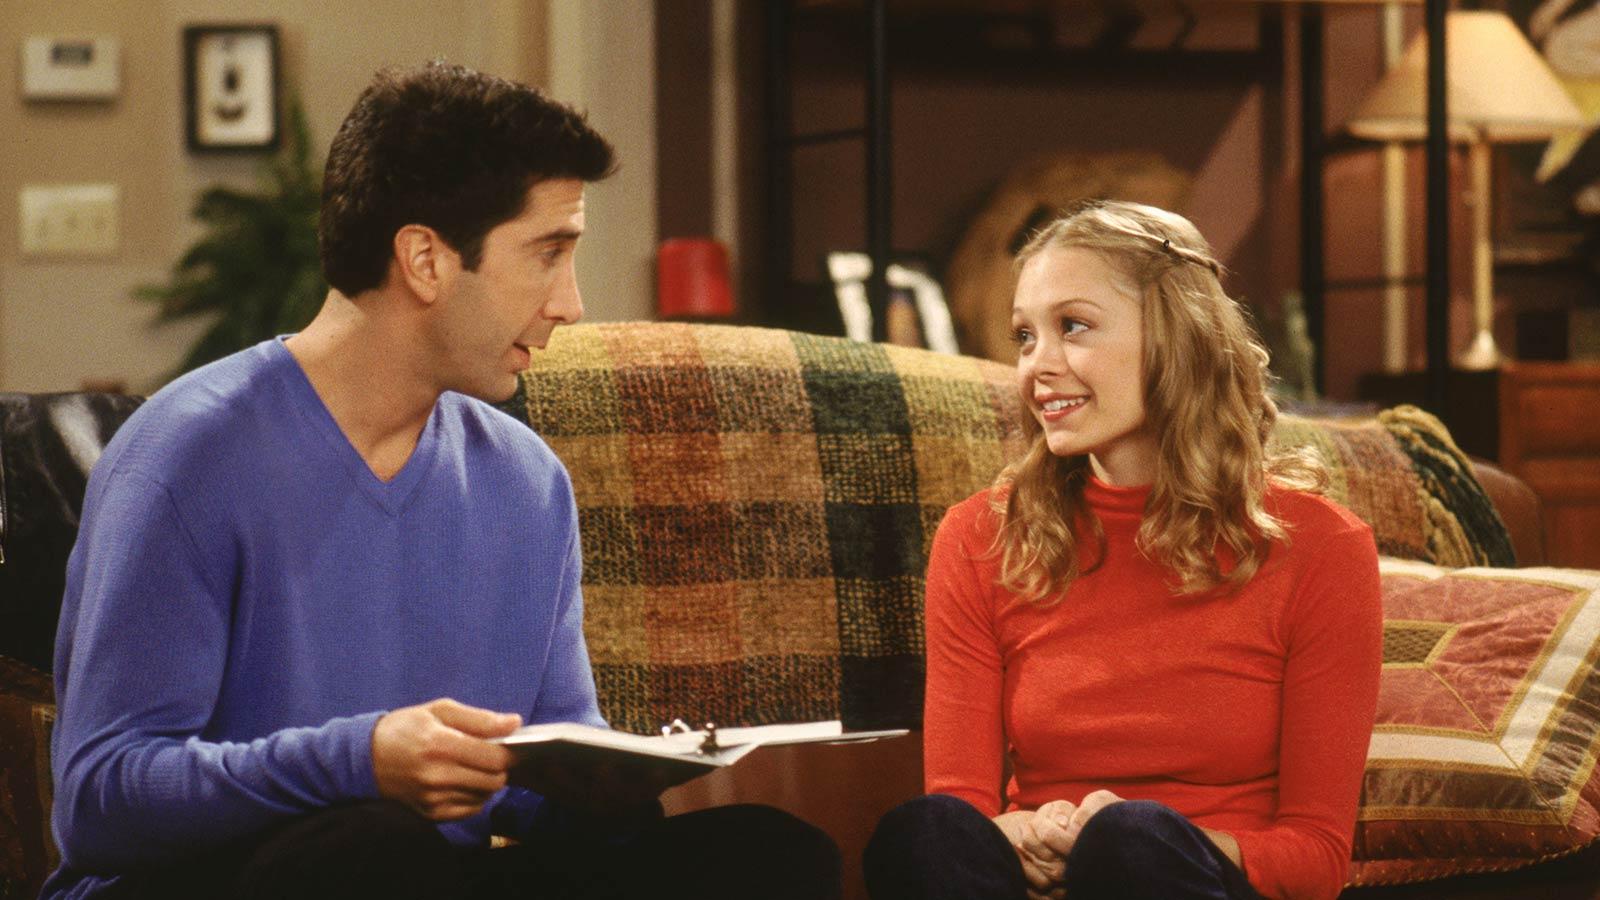 ross geller dating his student elizabeth stevens